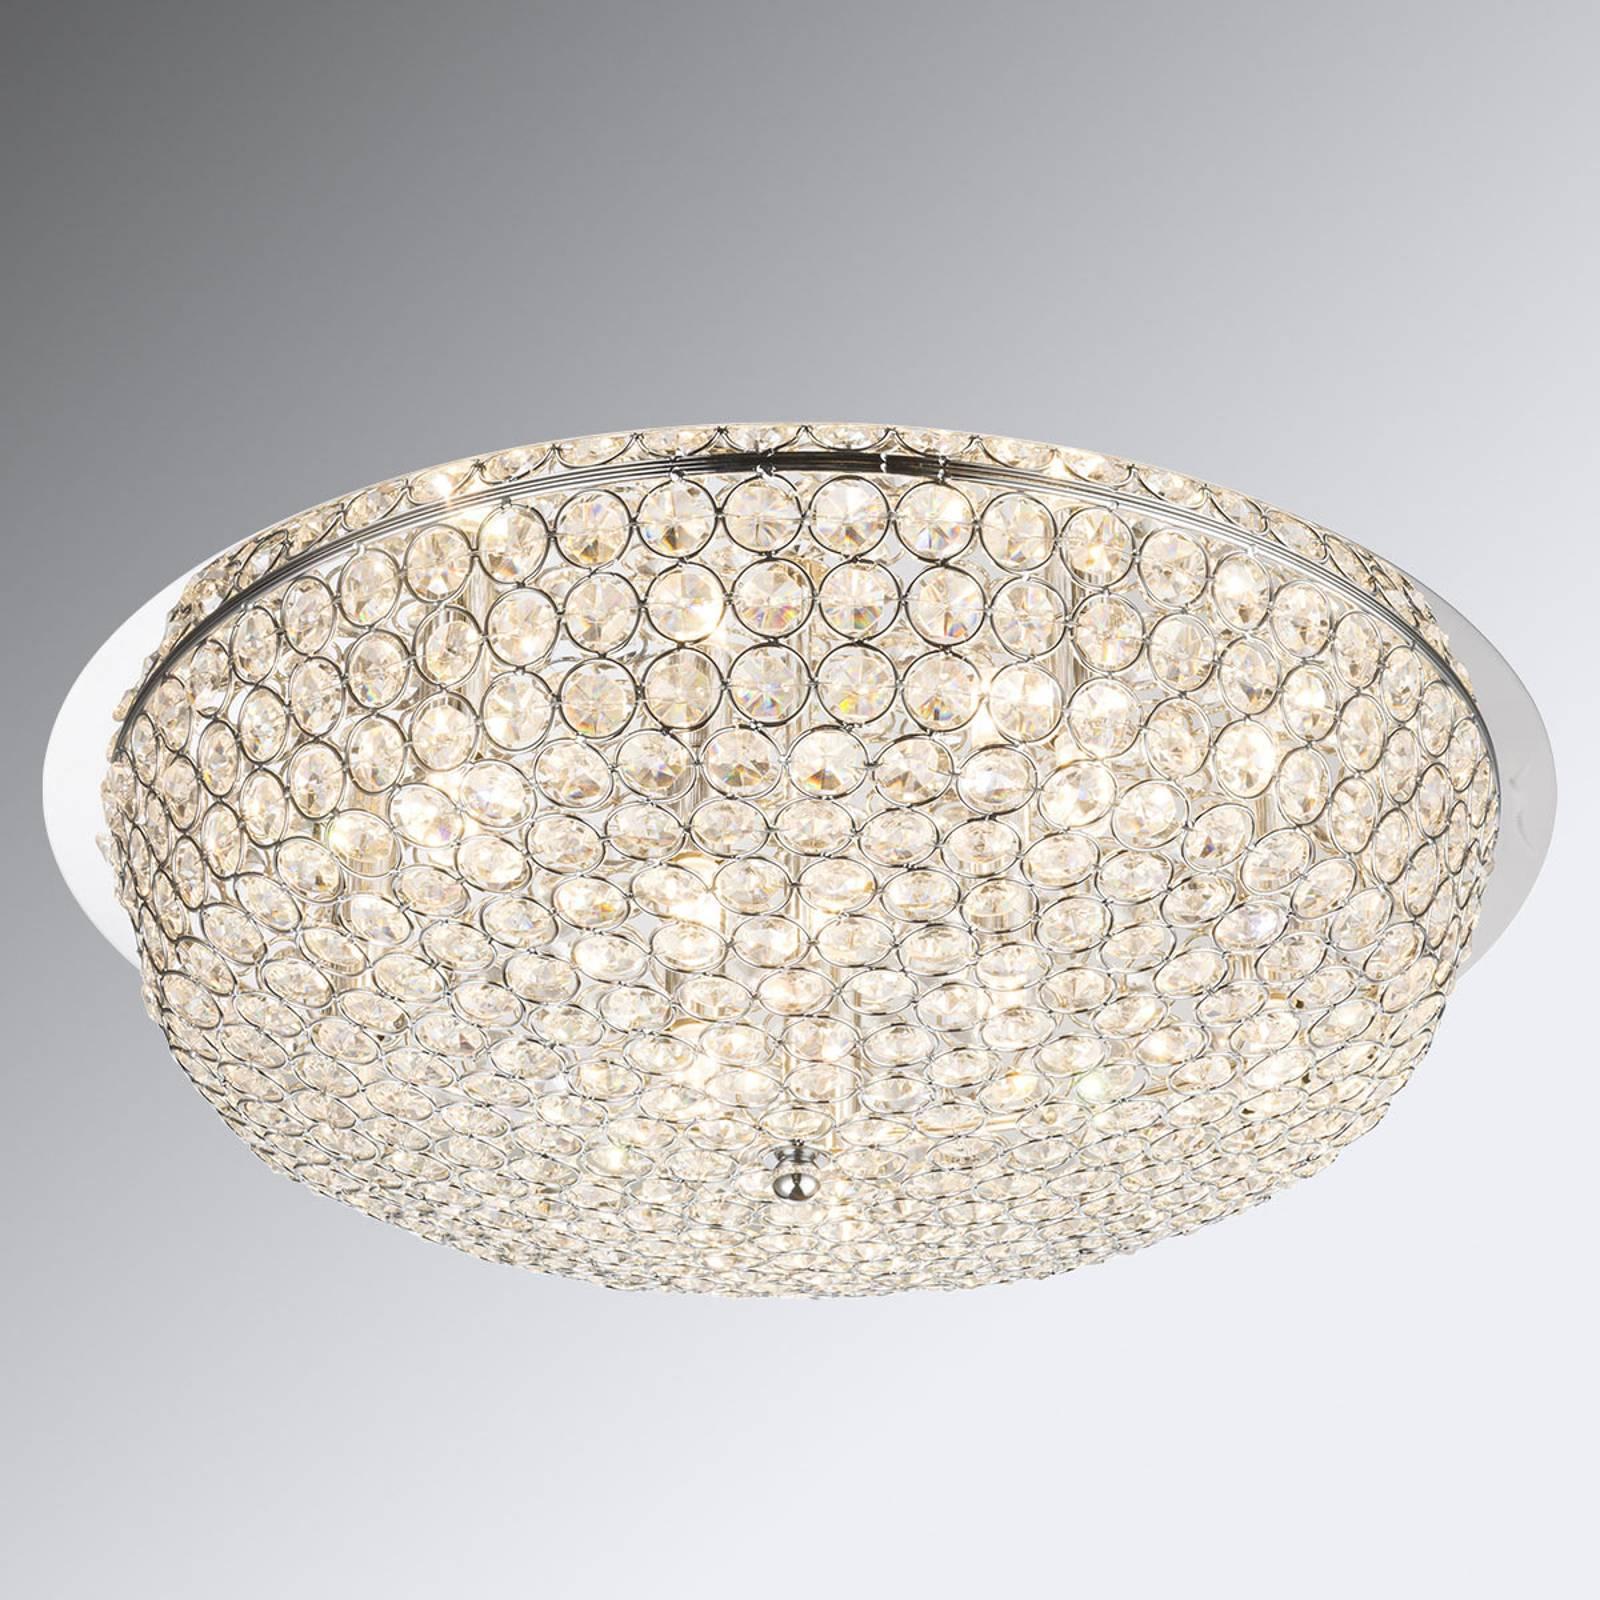 Kristallinen kattovalaisin Emilia, LED-lamput